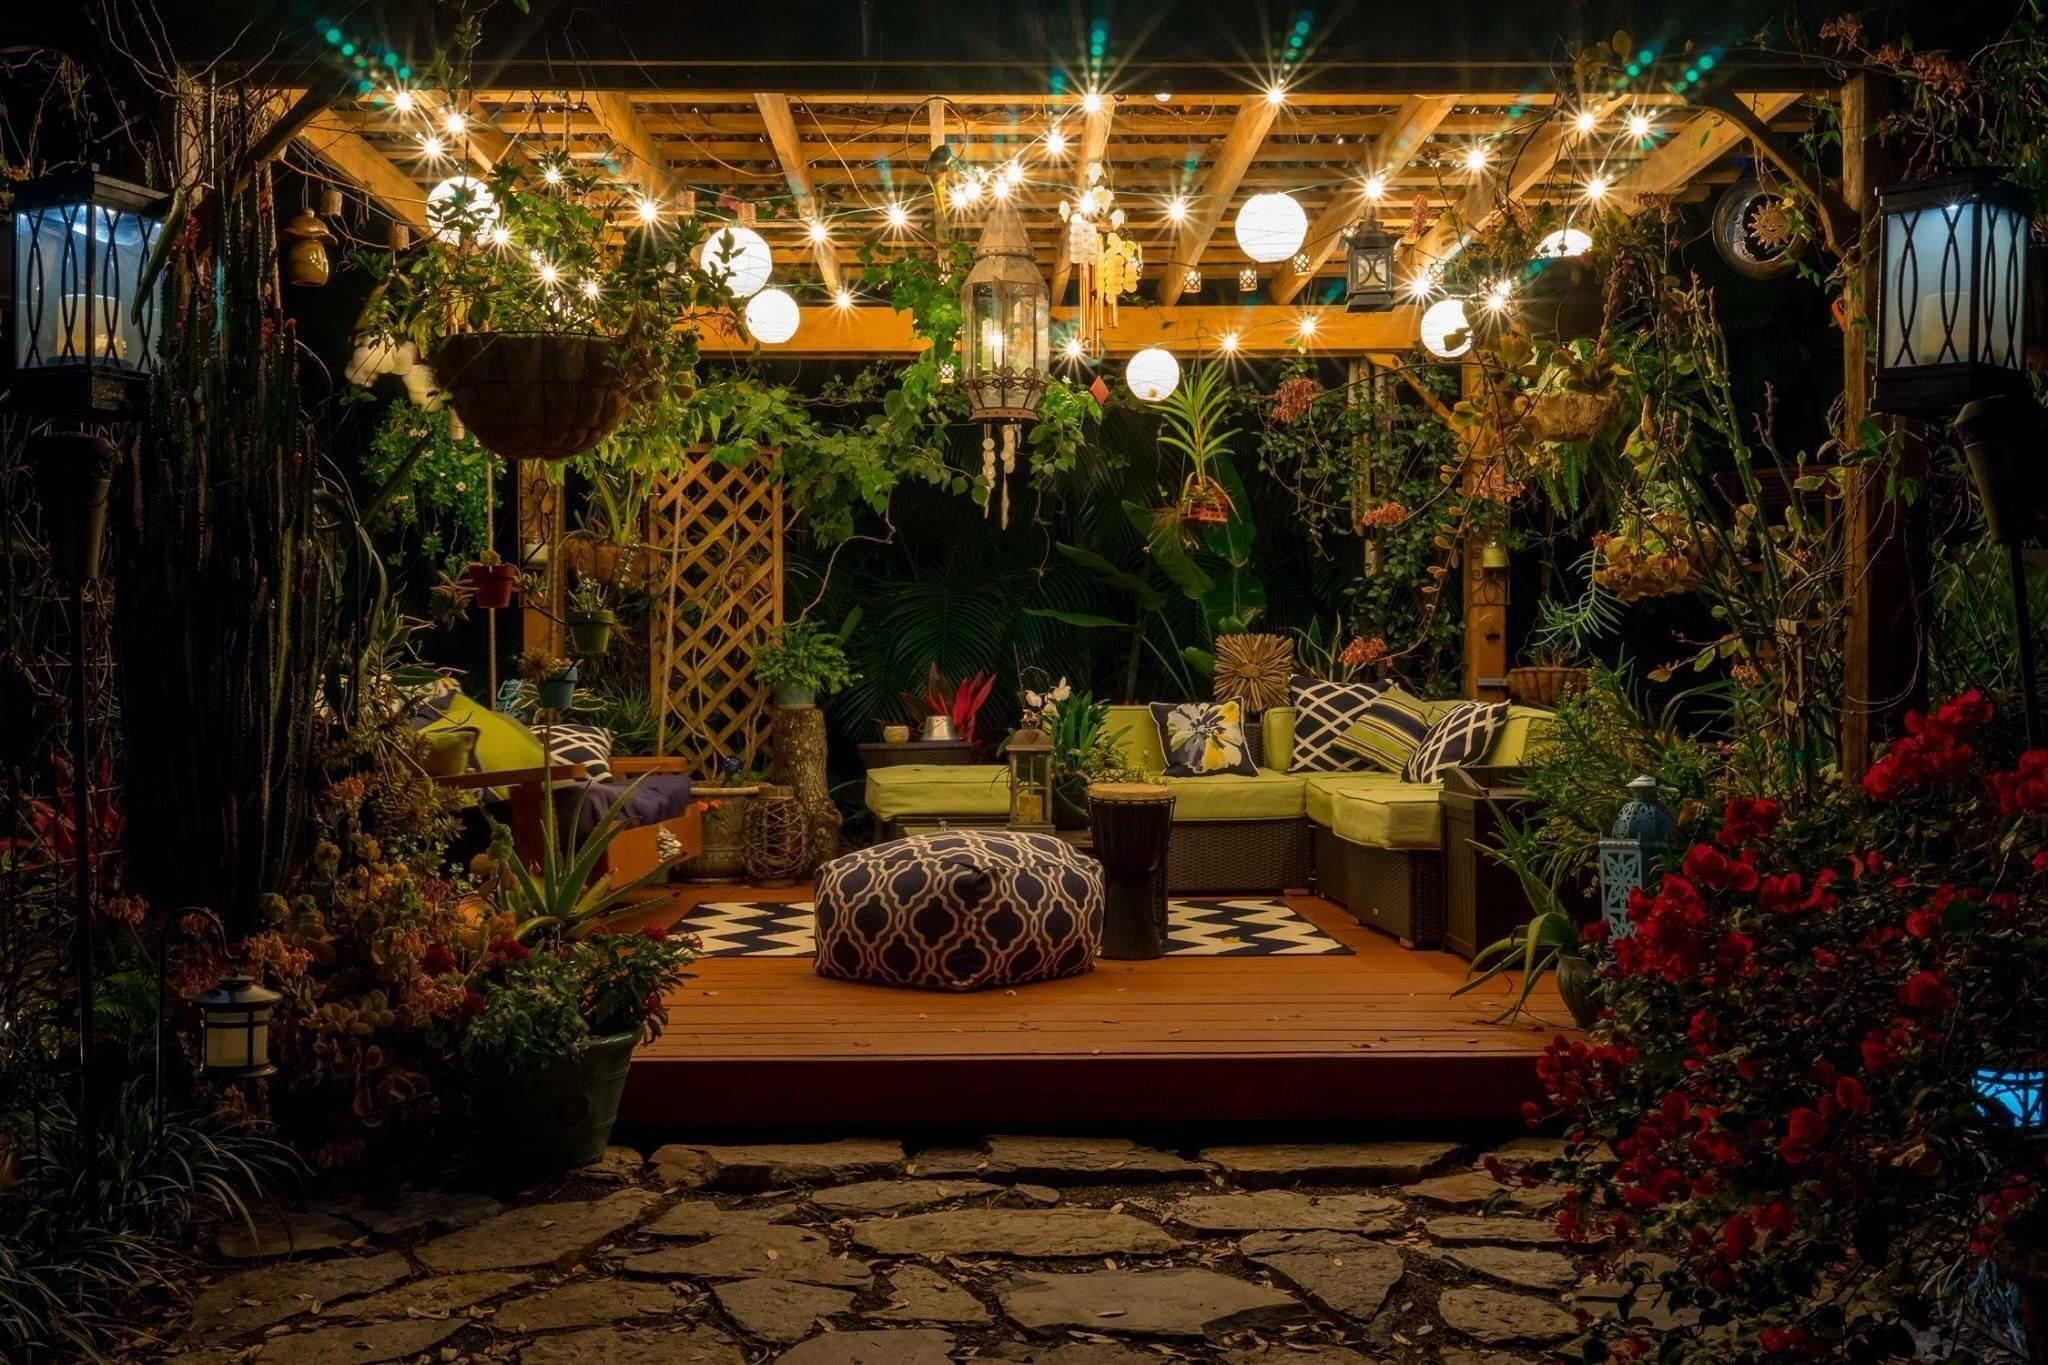 My Backyard Pergola Http Ift Tt 2ccwglp Terrace Garden Design